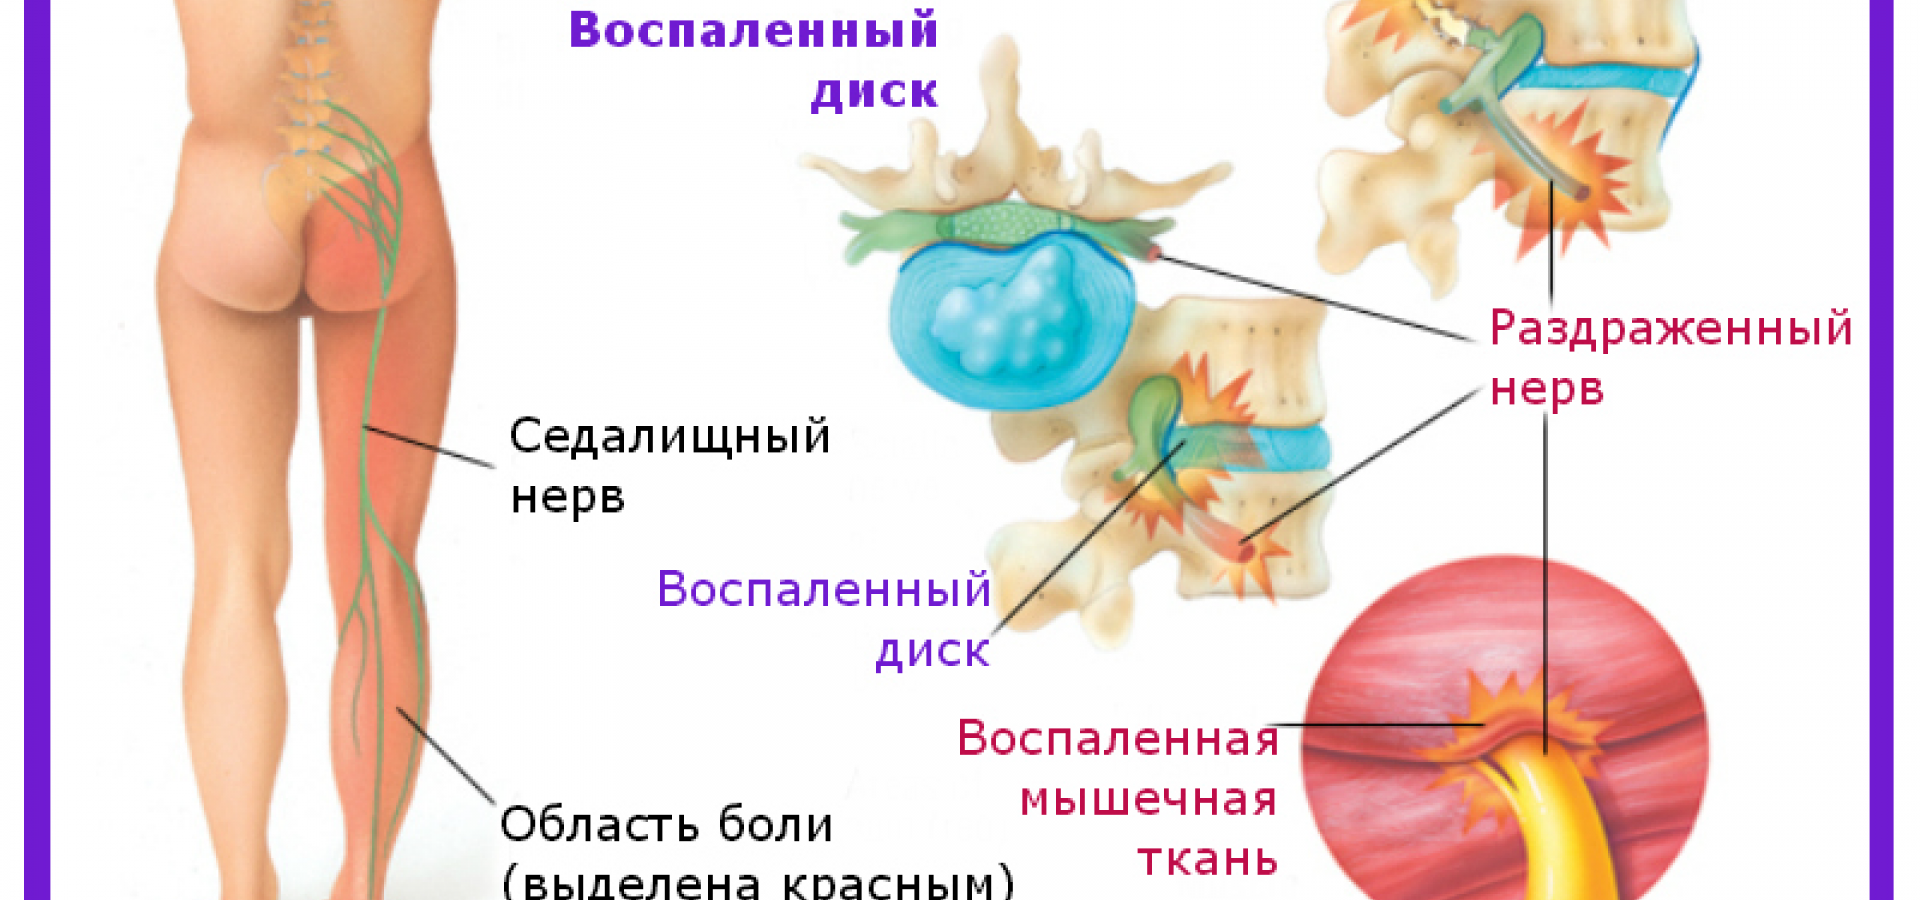 Невралгия седалищного нерва: симптомы, диагностика и методы лечения